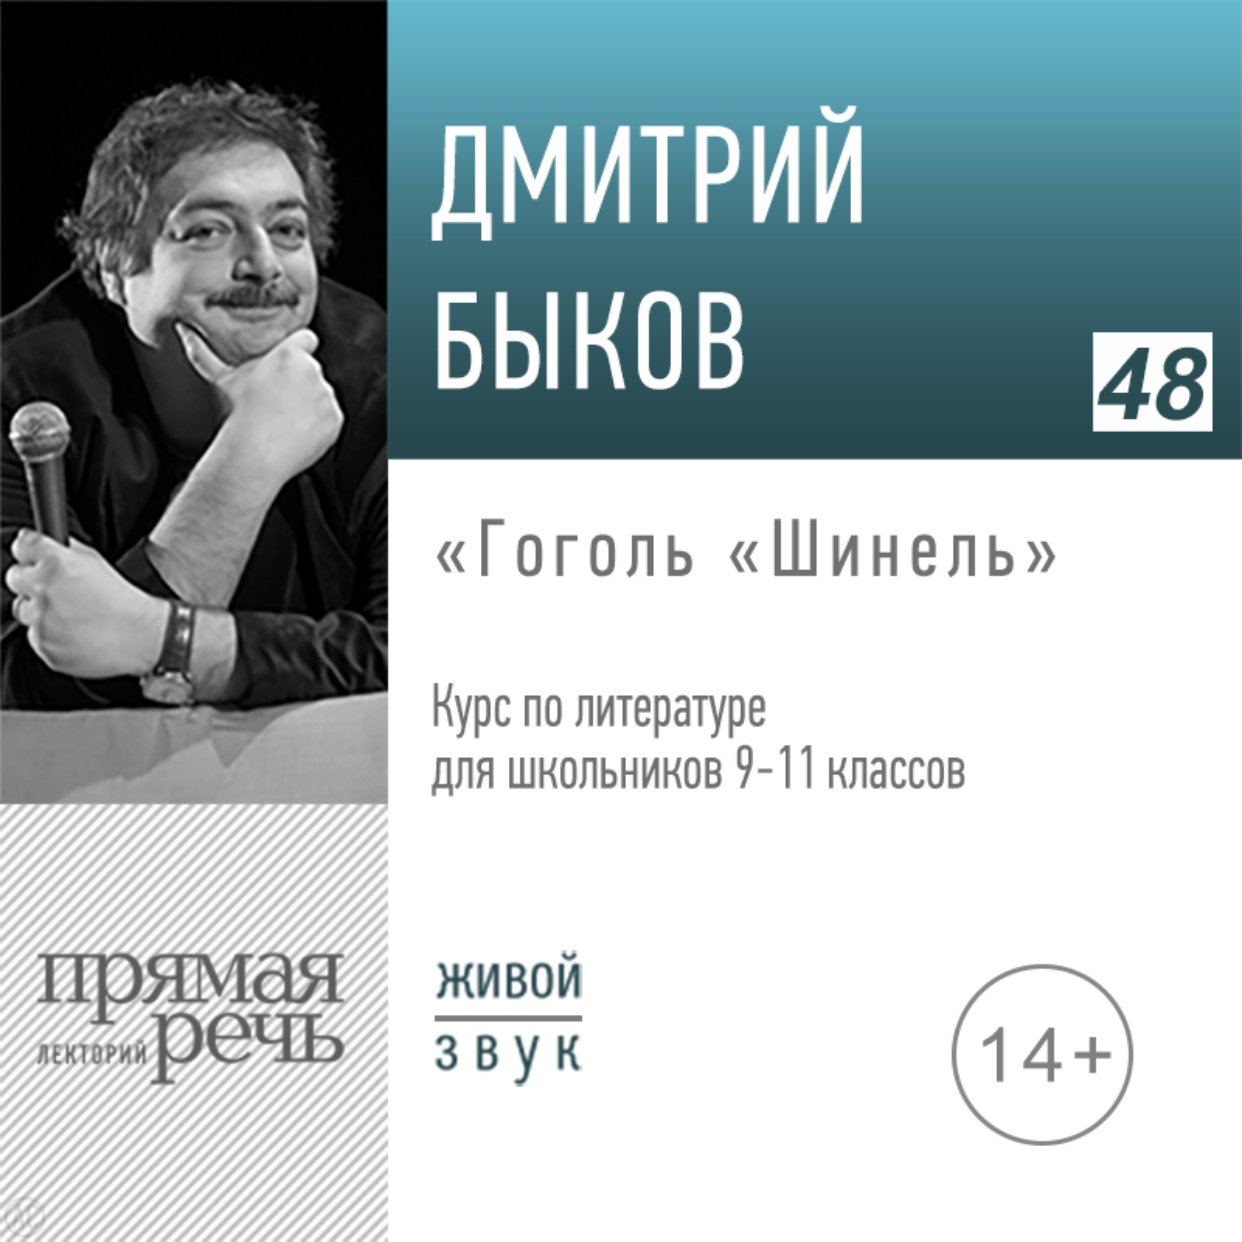 Гоголь «Шинель». Литература. 9-11 класс